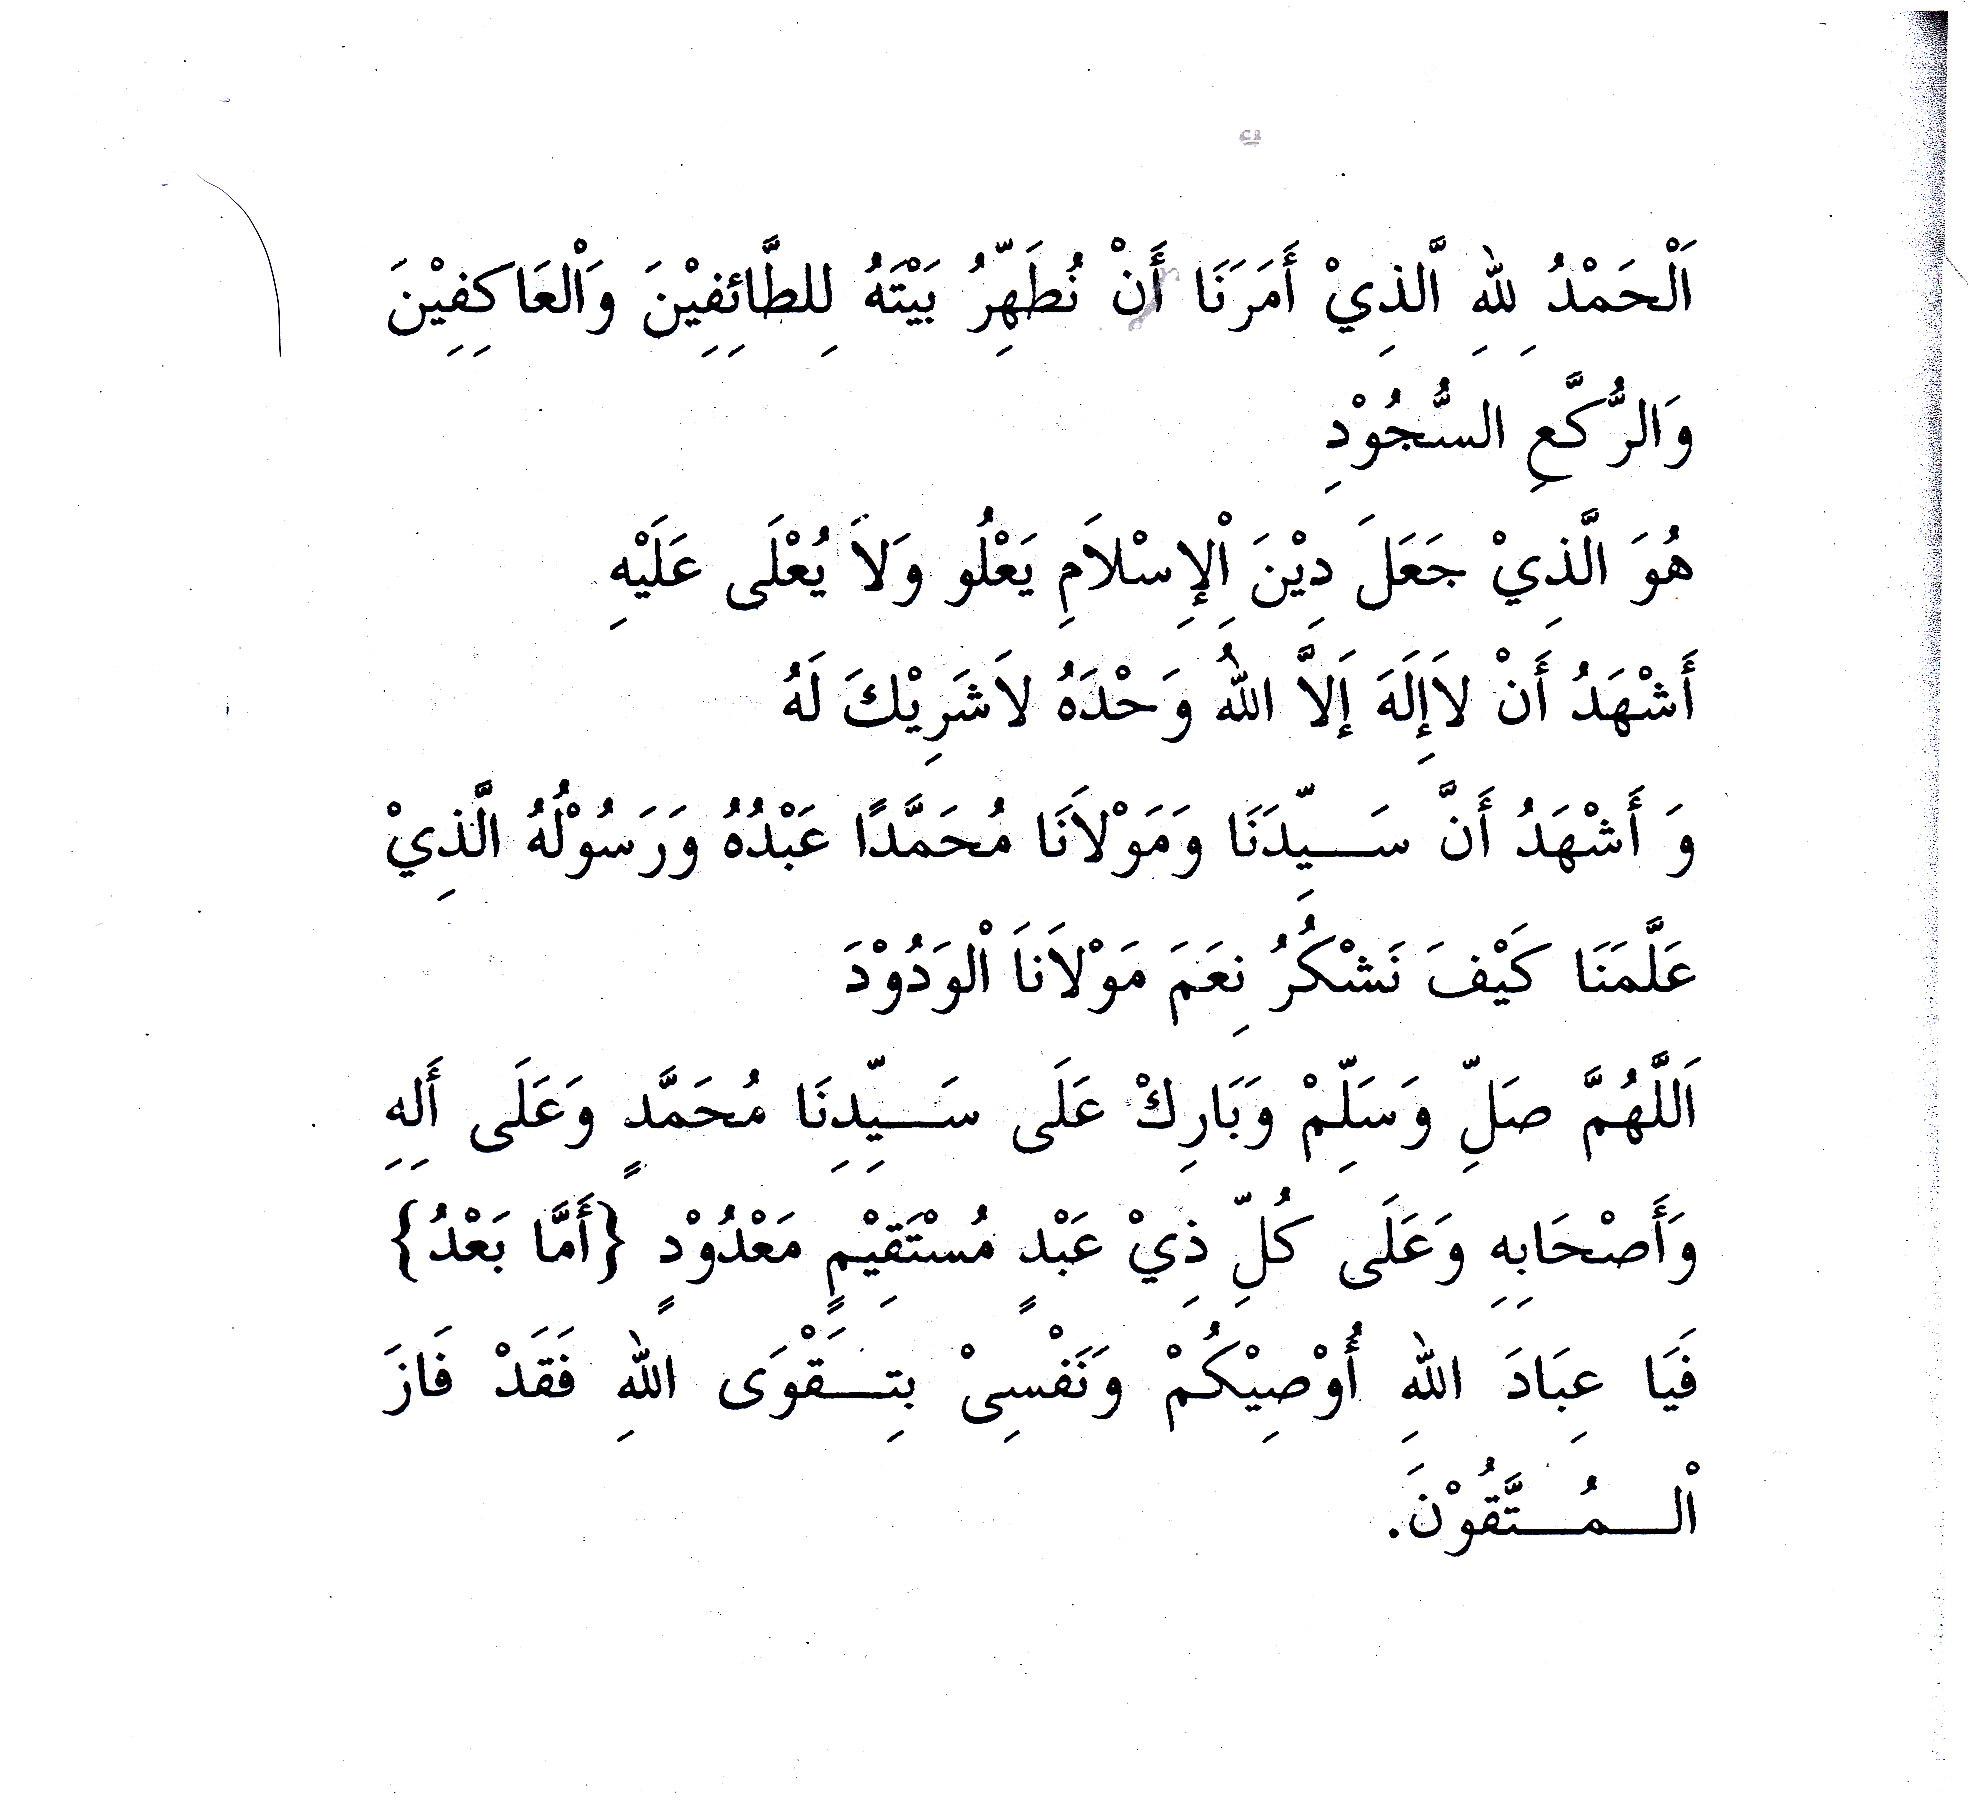 Contoh Ceramah Islam Lengkap - Contoh Su